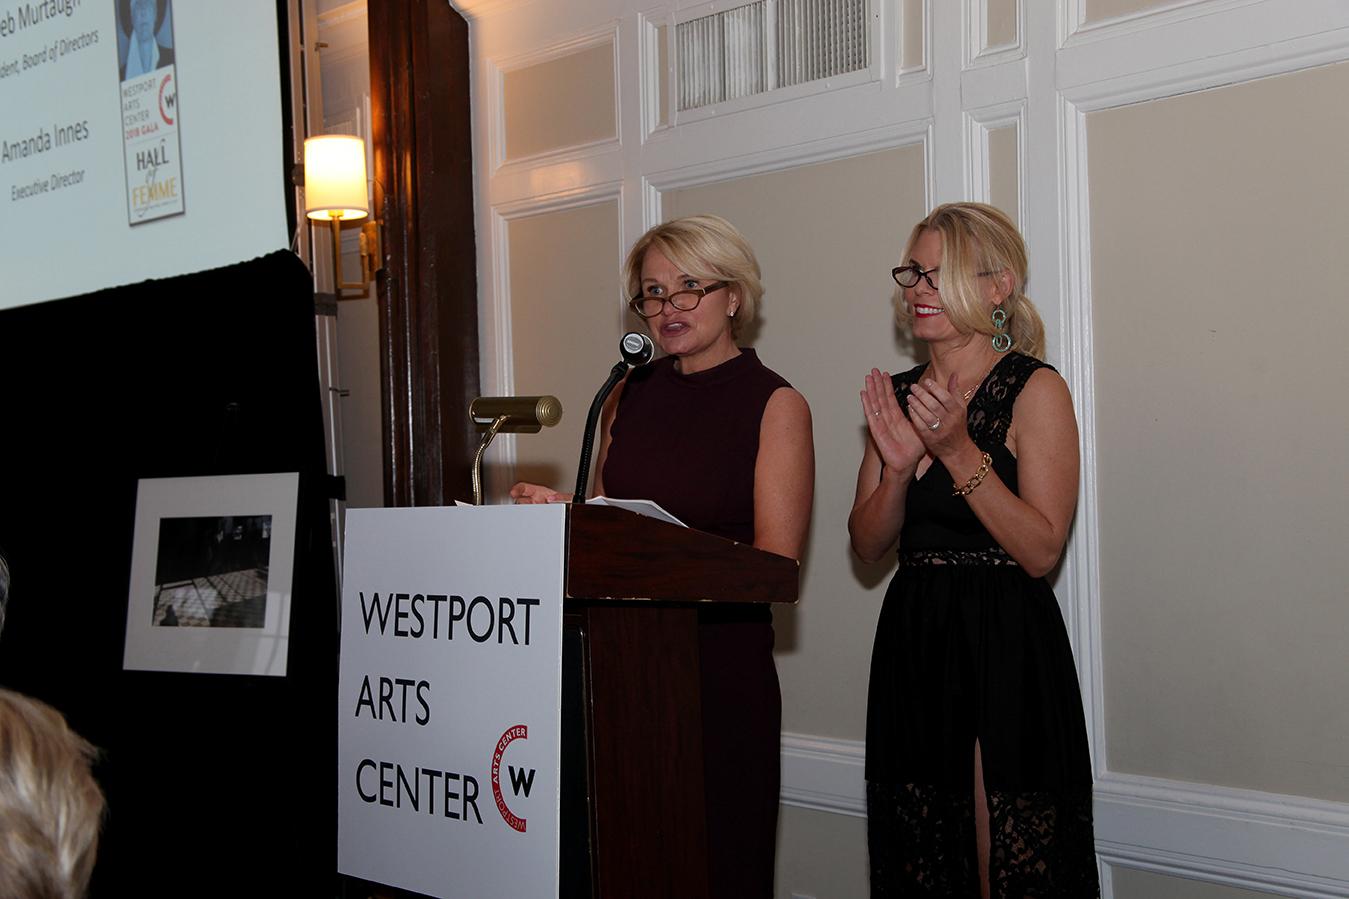 Speakers: Deb Murtaugh, Amanda Innes